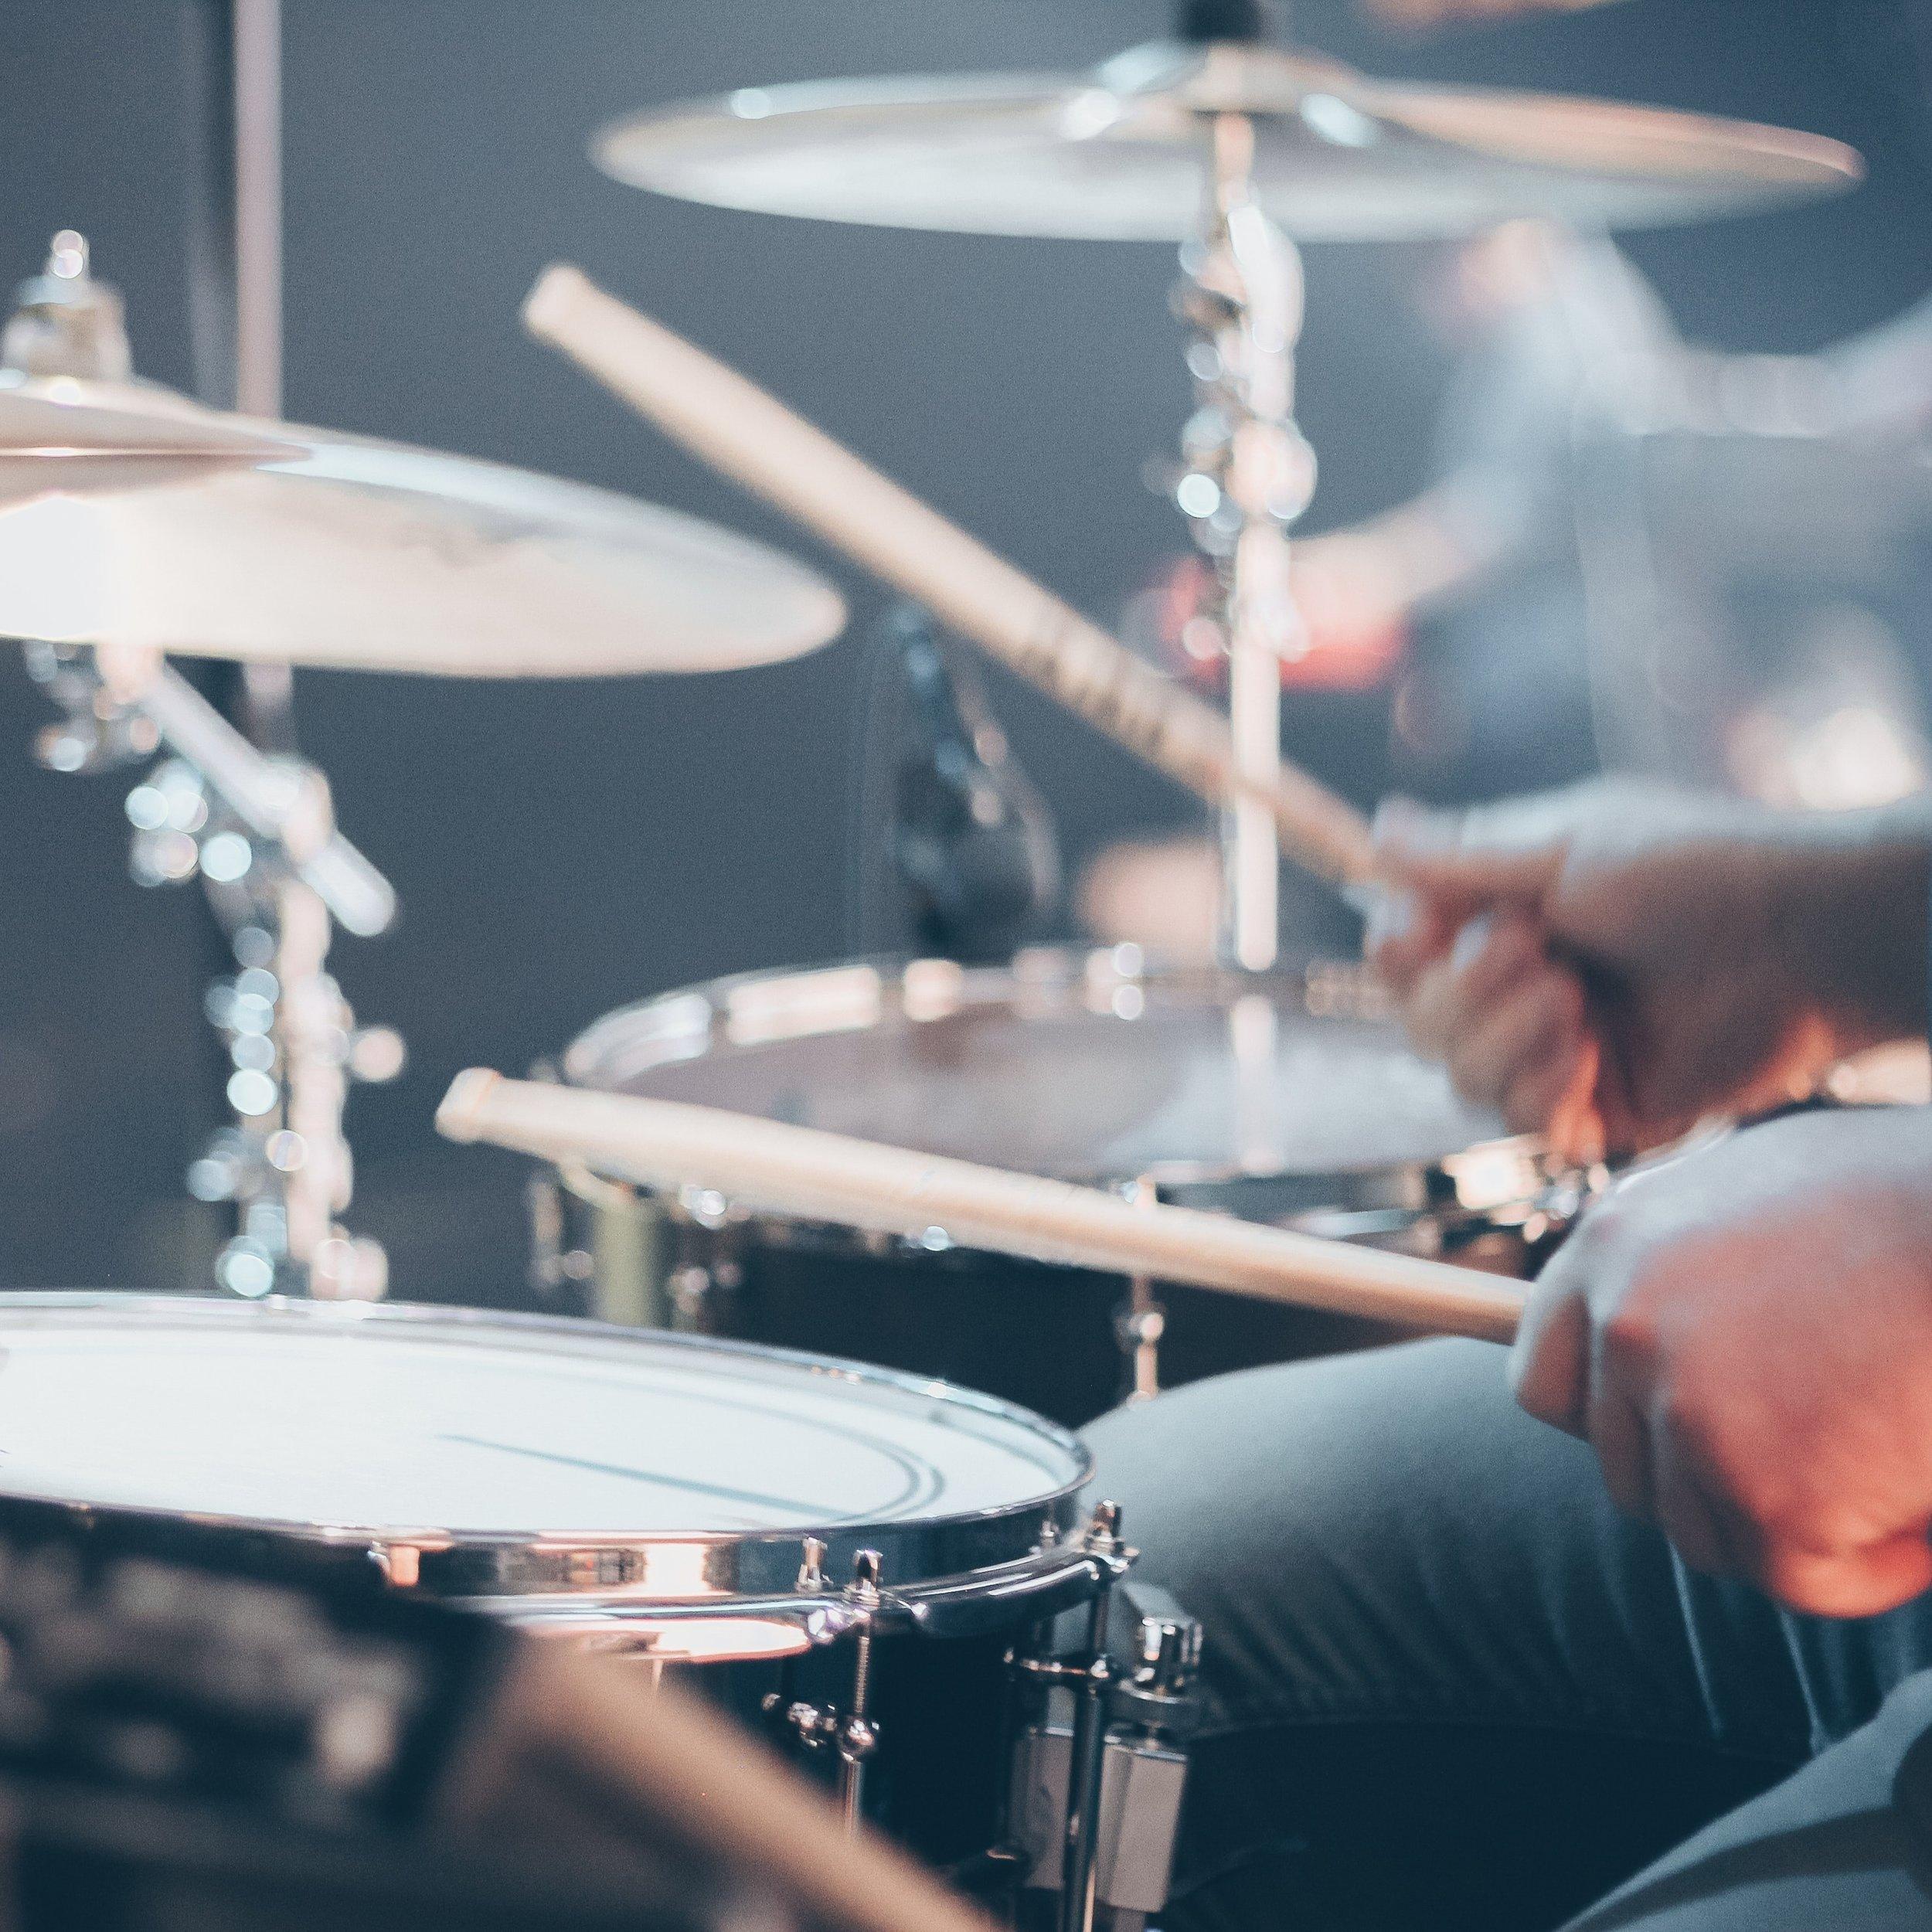 Drummen voor Niet-Drummers - Iedereen kan drummen, iedereen heeft ritmegevoel. Je moet het alleen nog even ontdekken en ontwikkelen. In deze workshop gaan we daar een begin mee maken. Ontdek hoeveel muziek er in een drumstel zit!